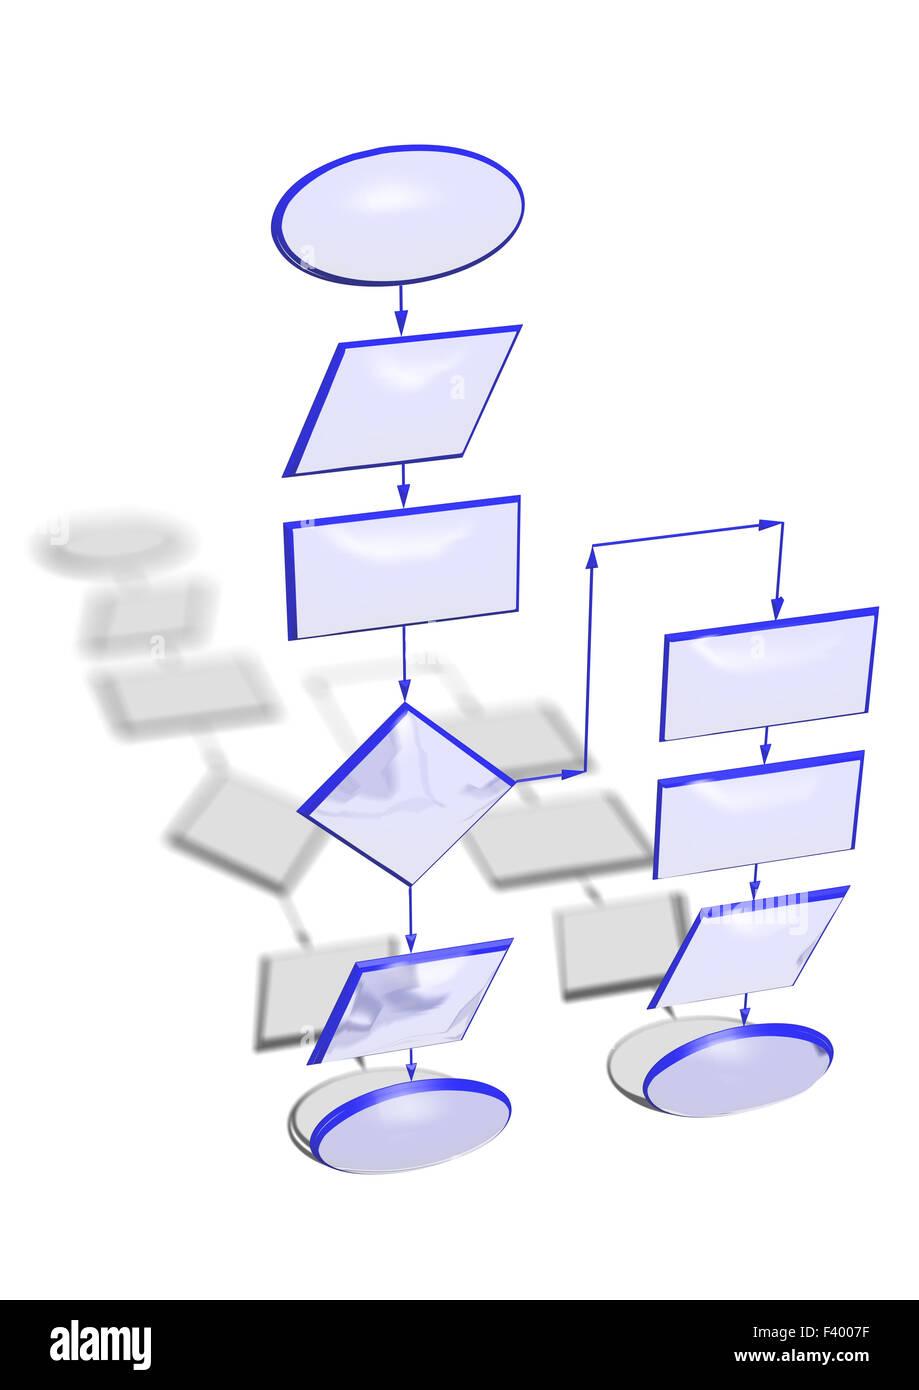 Empty flow chart diagram stock photo 88510675 alamy empty flow chart diagram nvjuhfo Gallery